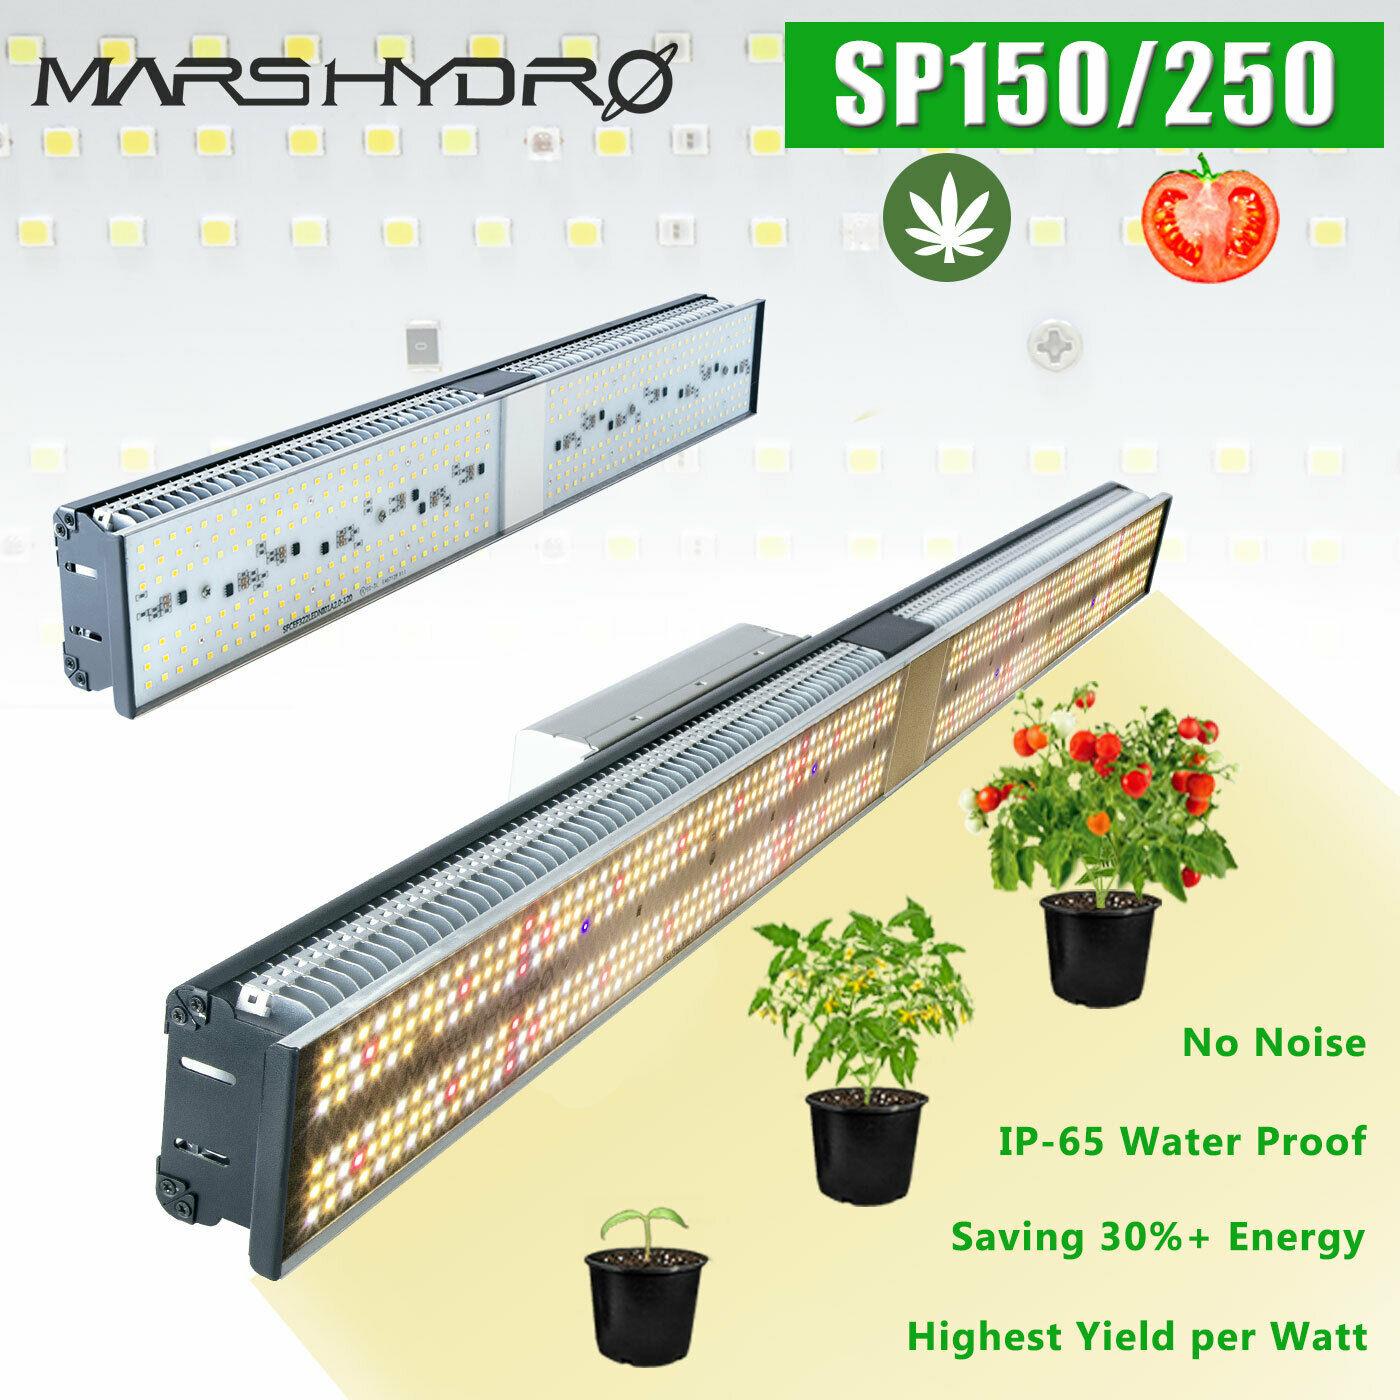 Neueste Mars Hydro SP 150 250 LED Wachsen Licht Gesamte Spektrum Indoor-Anlage Veg Blume Lampe Meanwell Fahrer Null Lärm wasserdicht